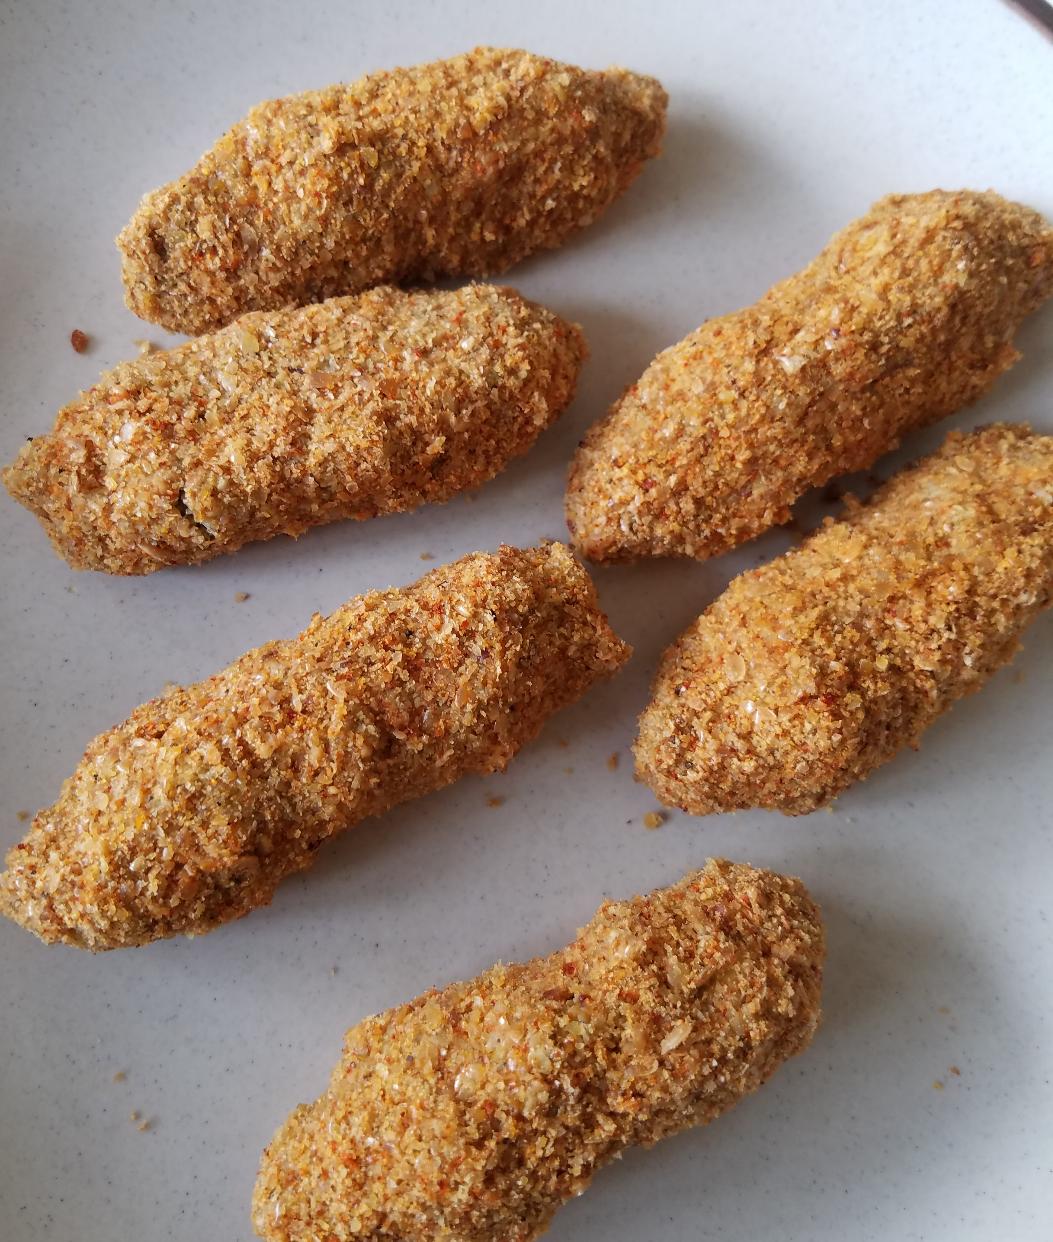 Raw fishsticks